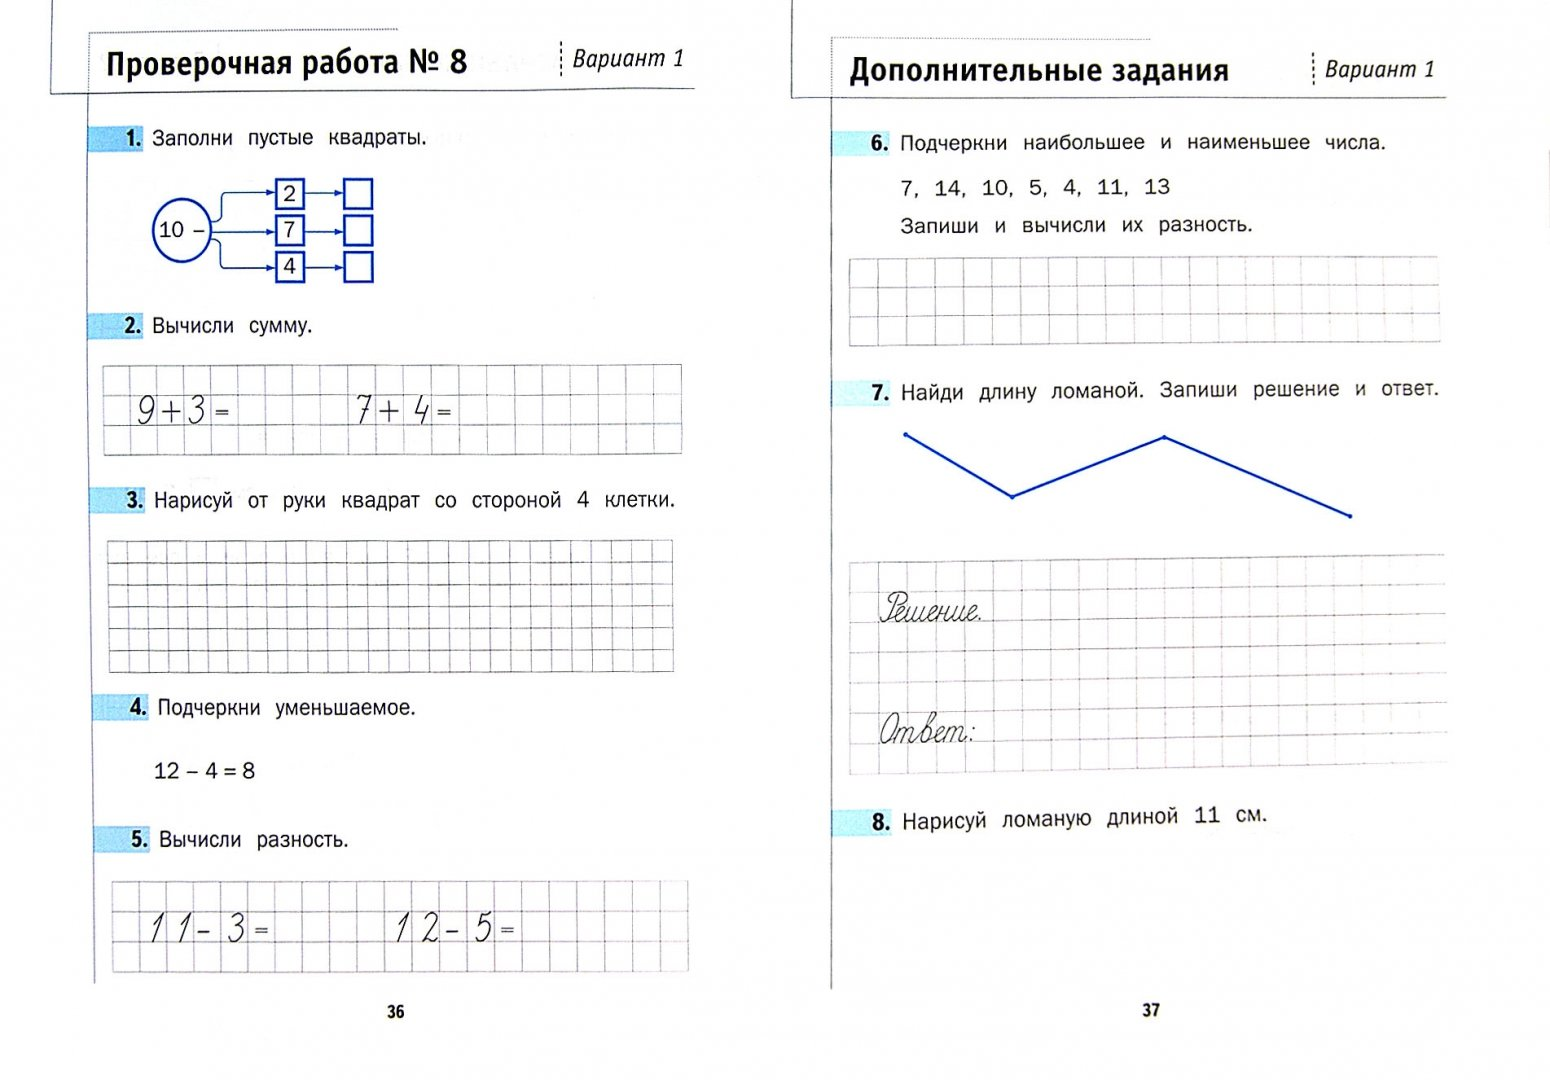 Иллюстрация 2 из 2 для Математика. 1 класс. Что умеет первоклассник. Тетрадь для проверочных работ - Минаева, Рослова, Рыдзе | Лабиринт - книги. Источник: Лабиринт